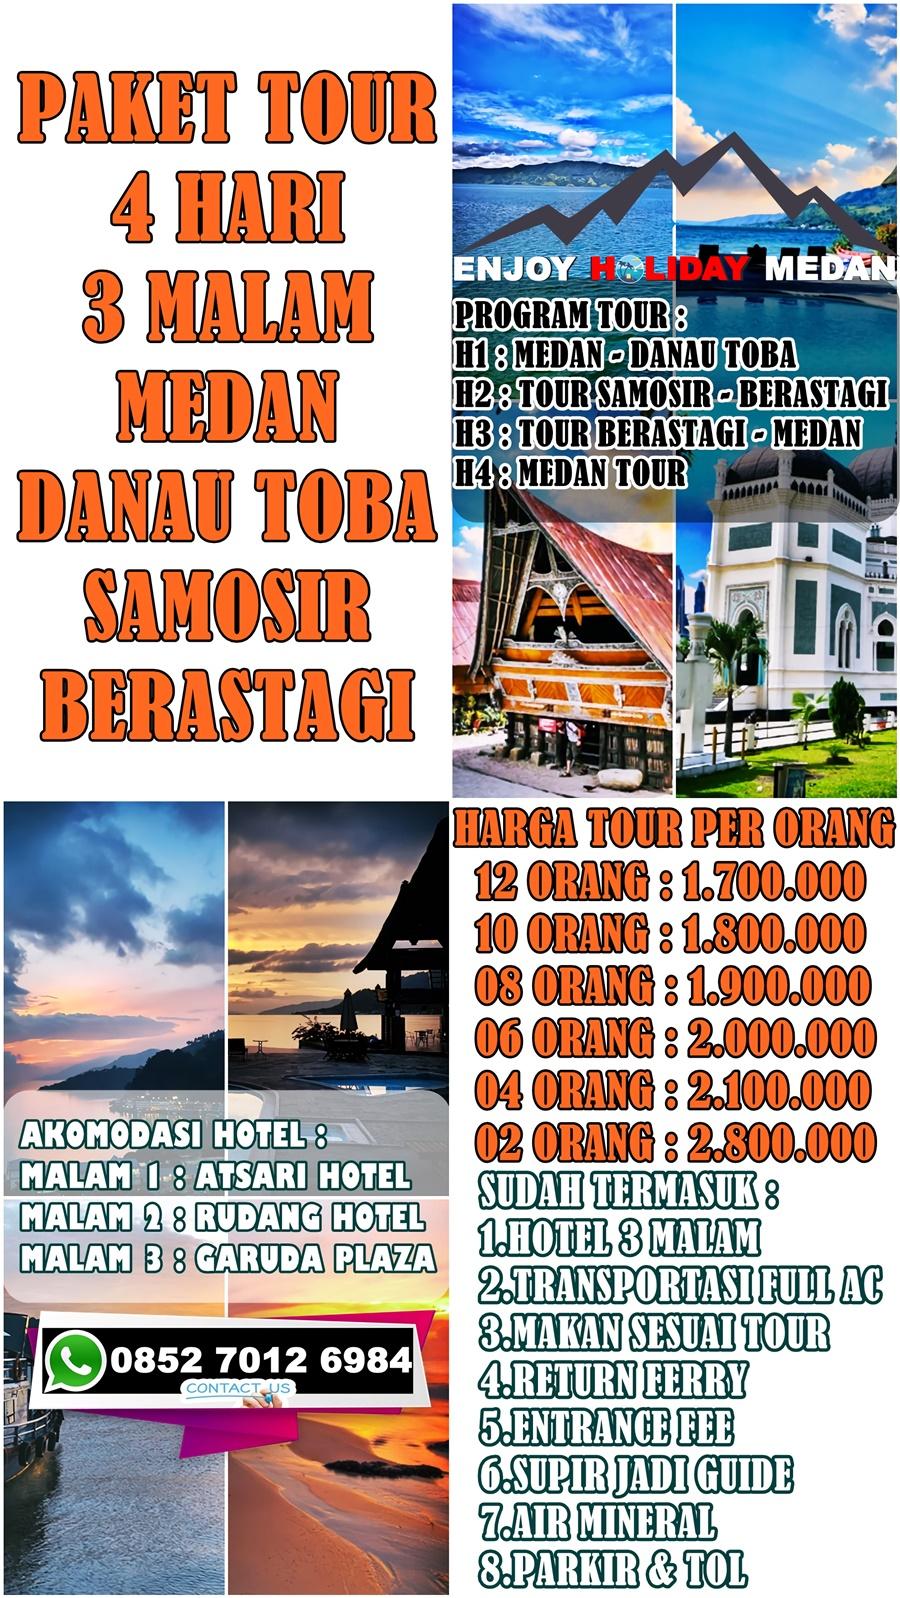 Pakej Percutian Medan Danau Toba 4D3N